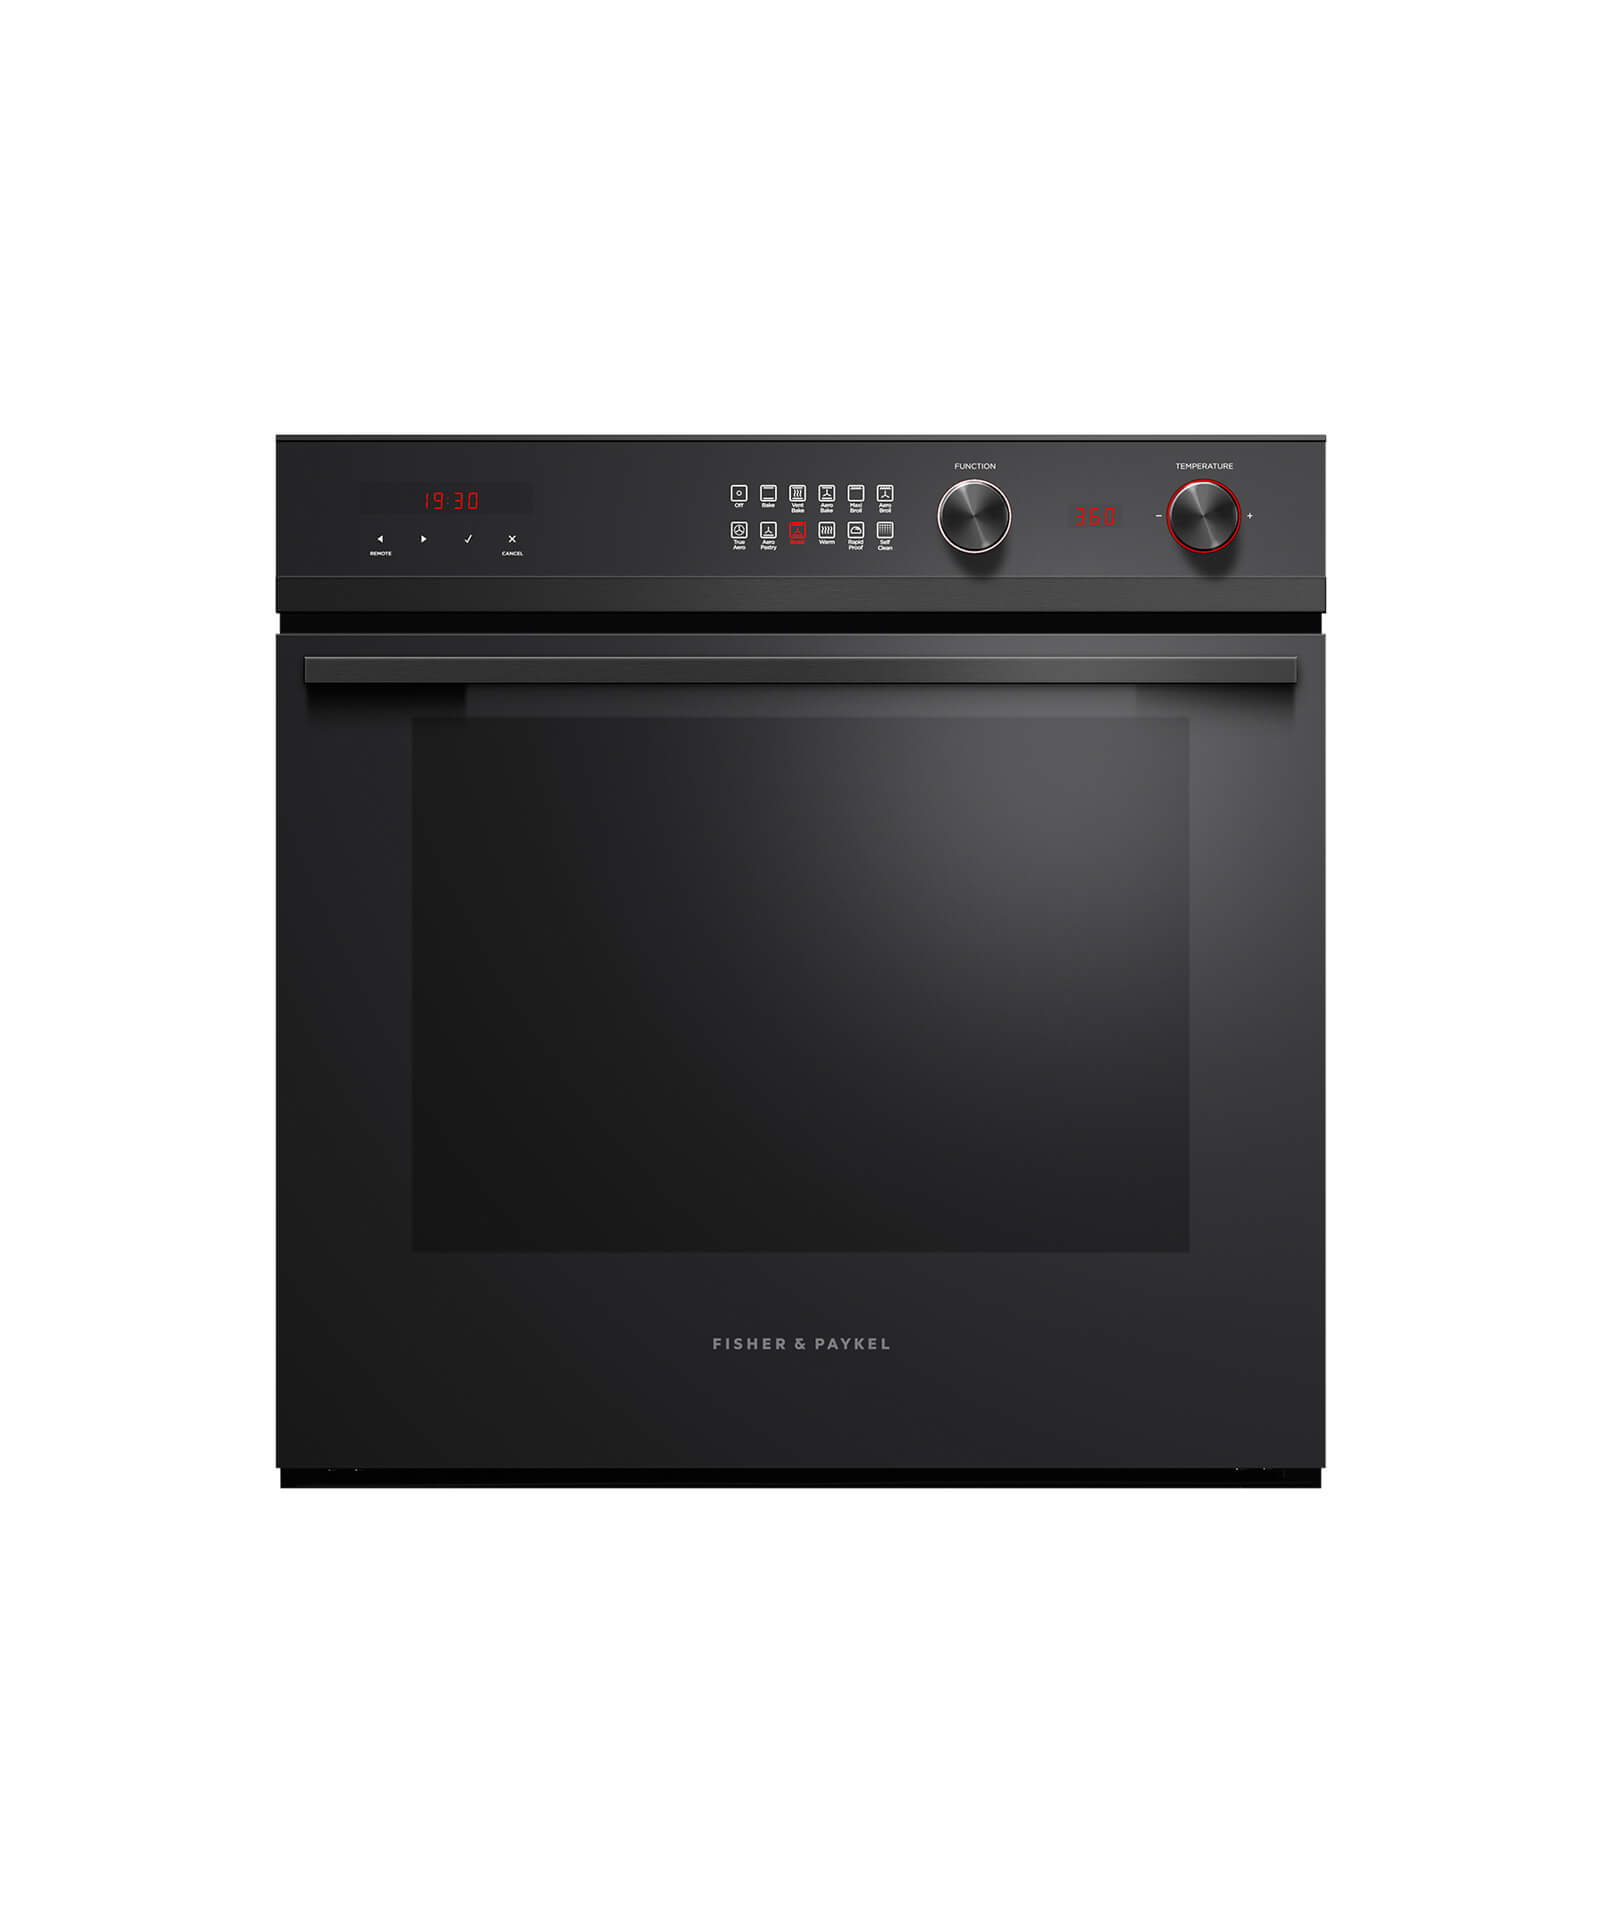 DISPLAY MODEL--Built-in Oven, 24